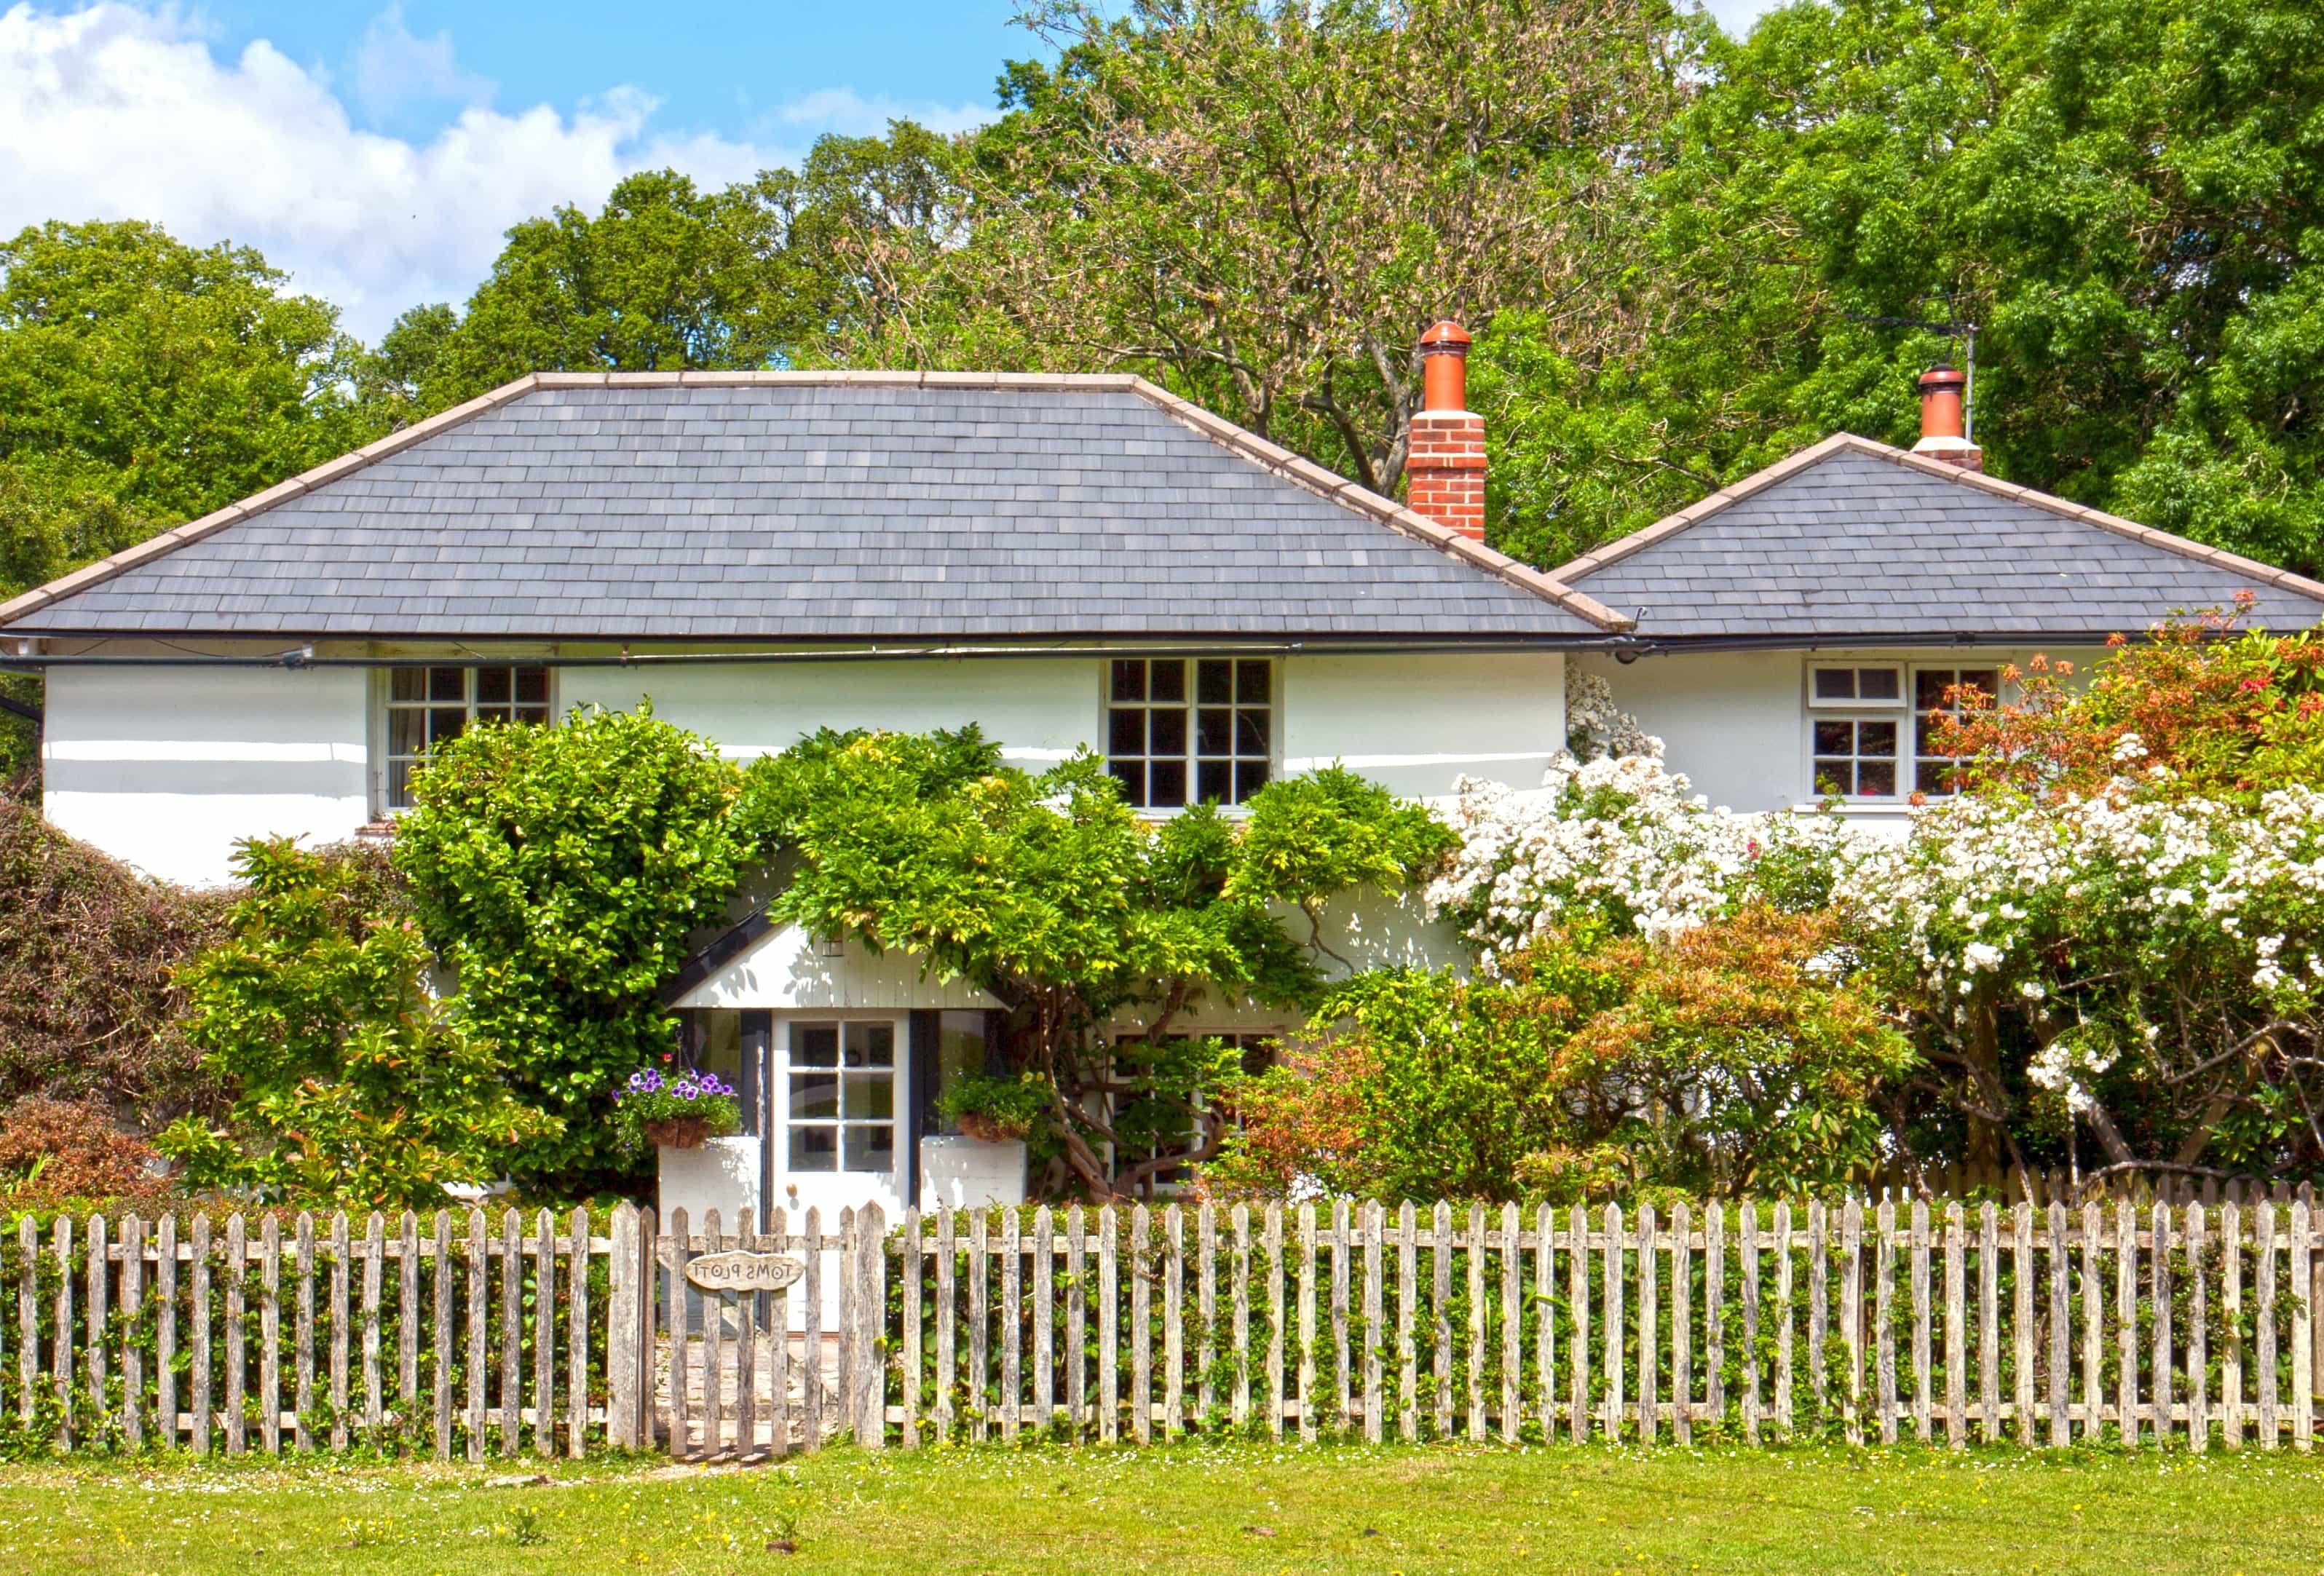 Kostenlose Bild Rasen Haus Immobilien Zaun Haus Barriere